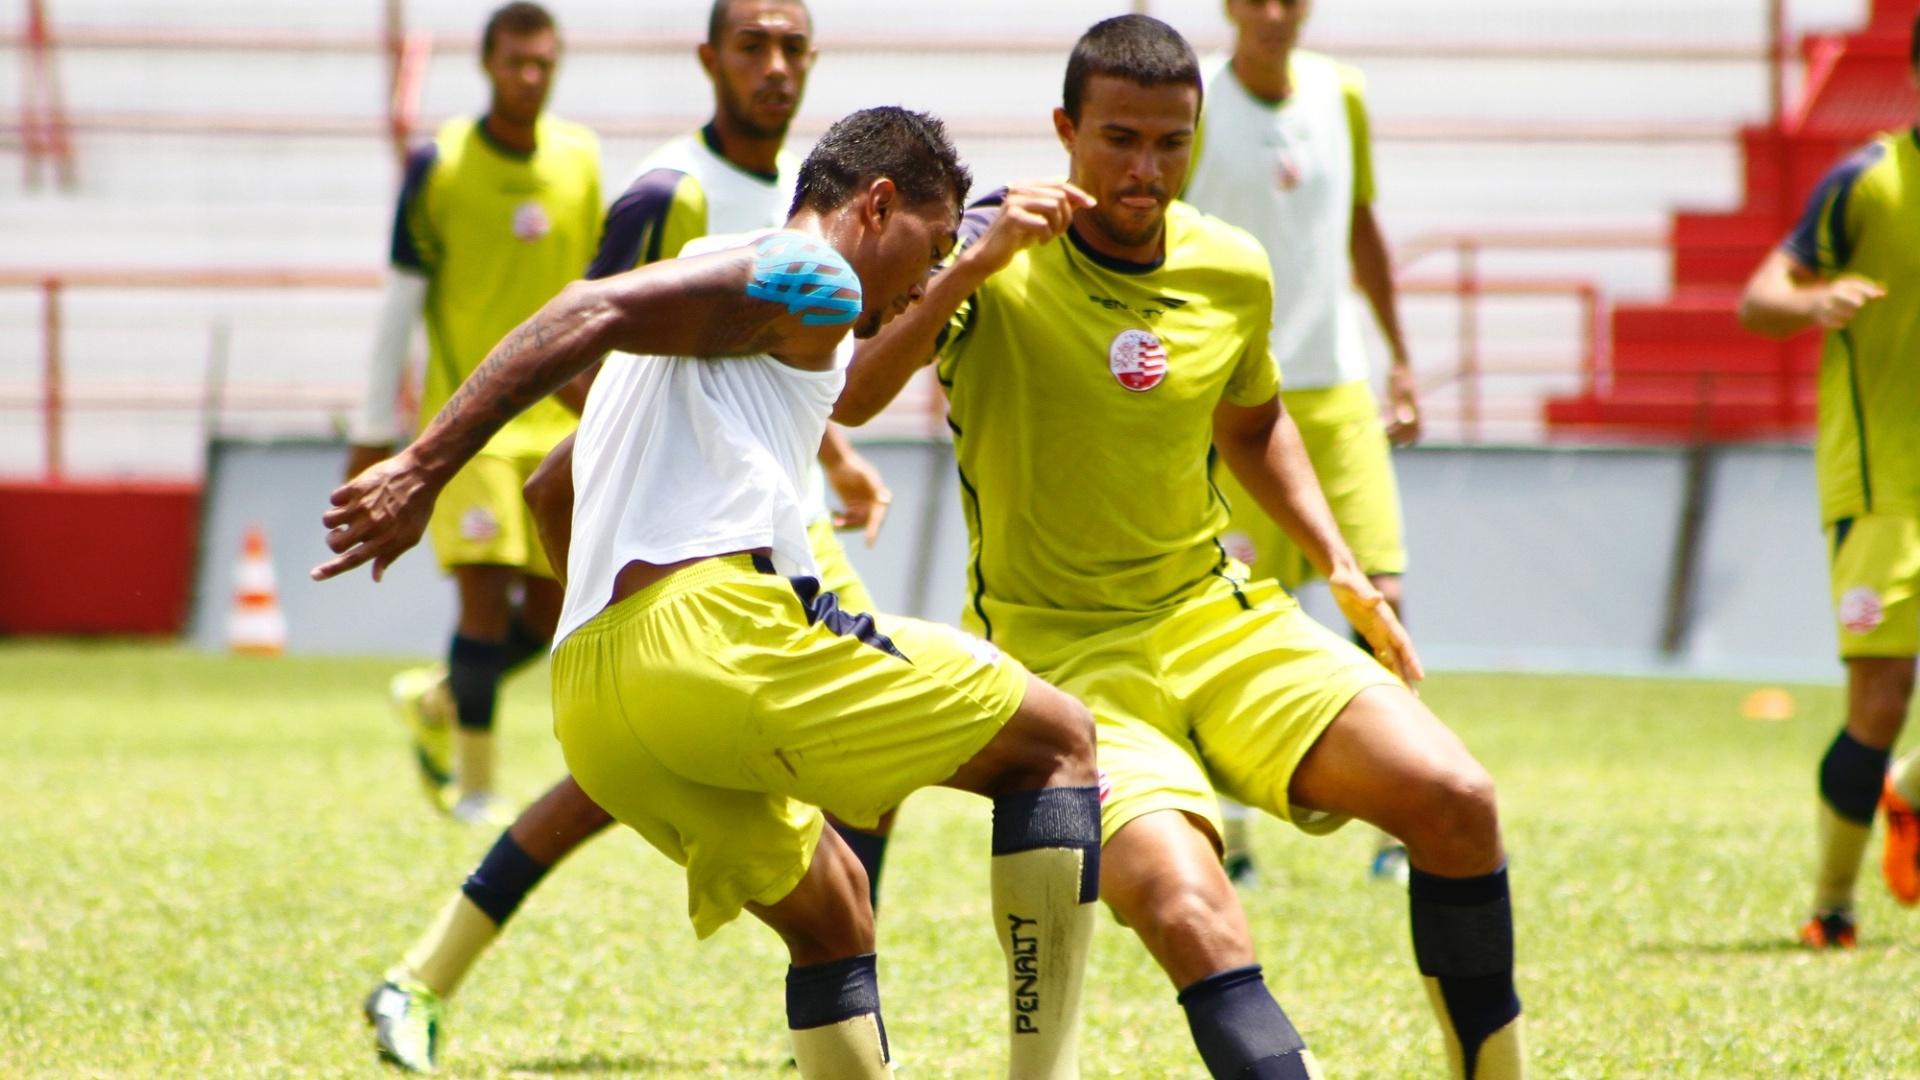 Marlon tenta roubar a bola de Kieza durante treino do Náutico